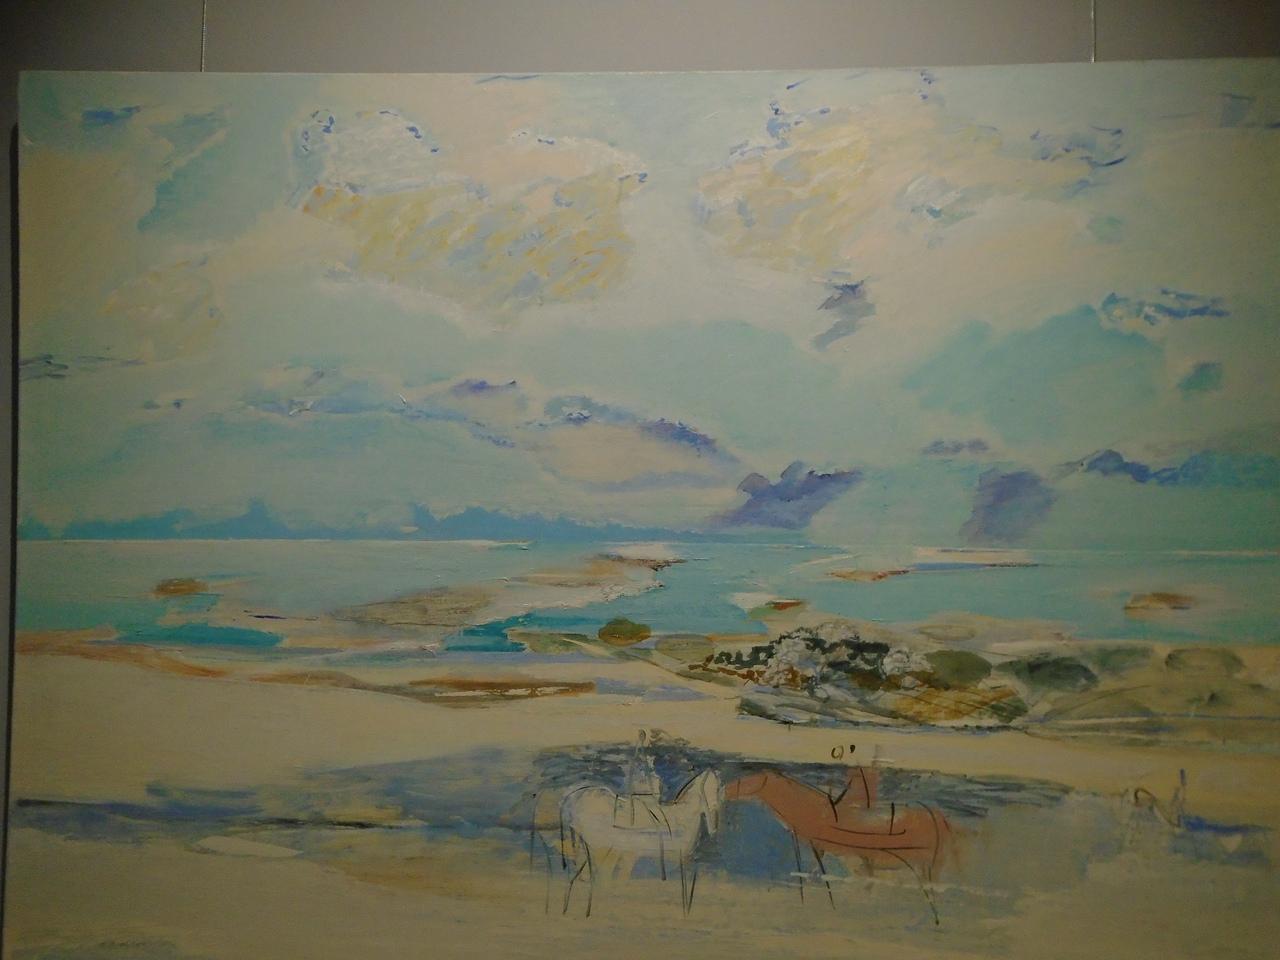 Французская живопись - в башкирских пейзажах